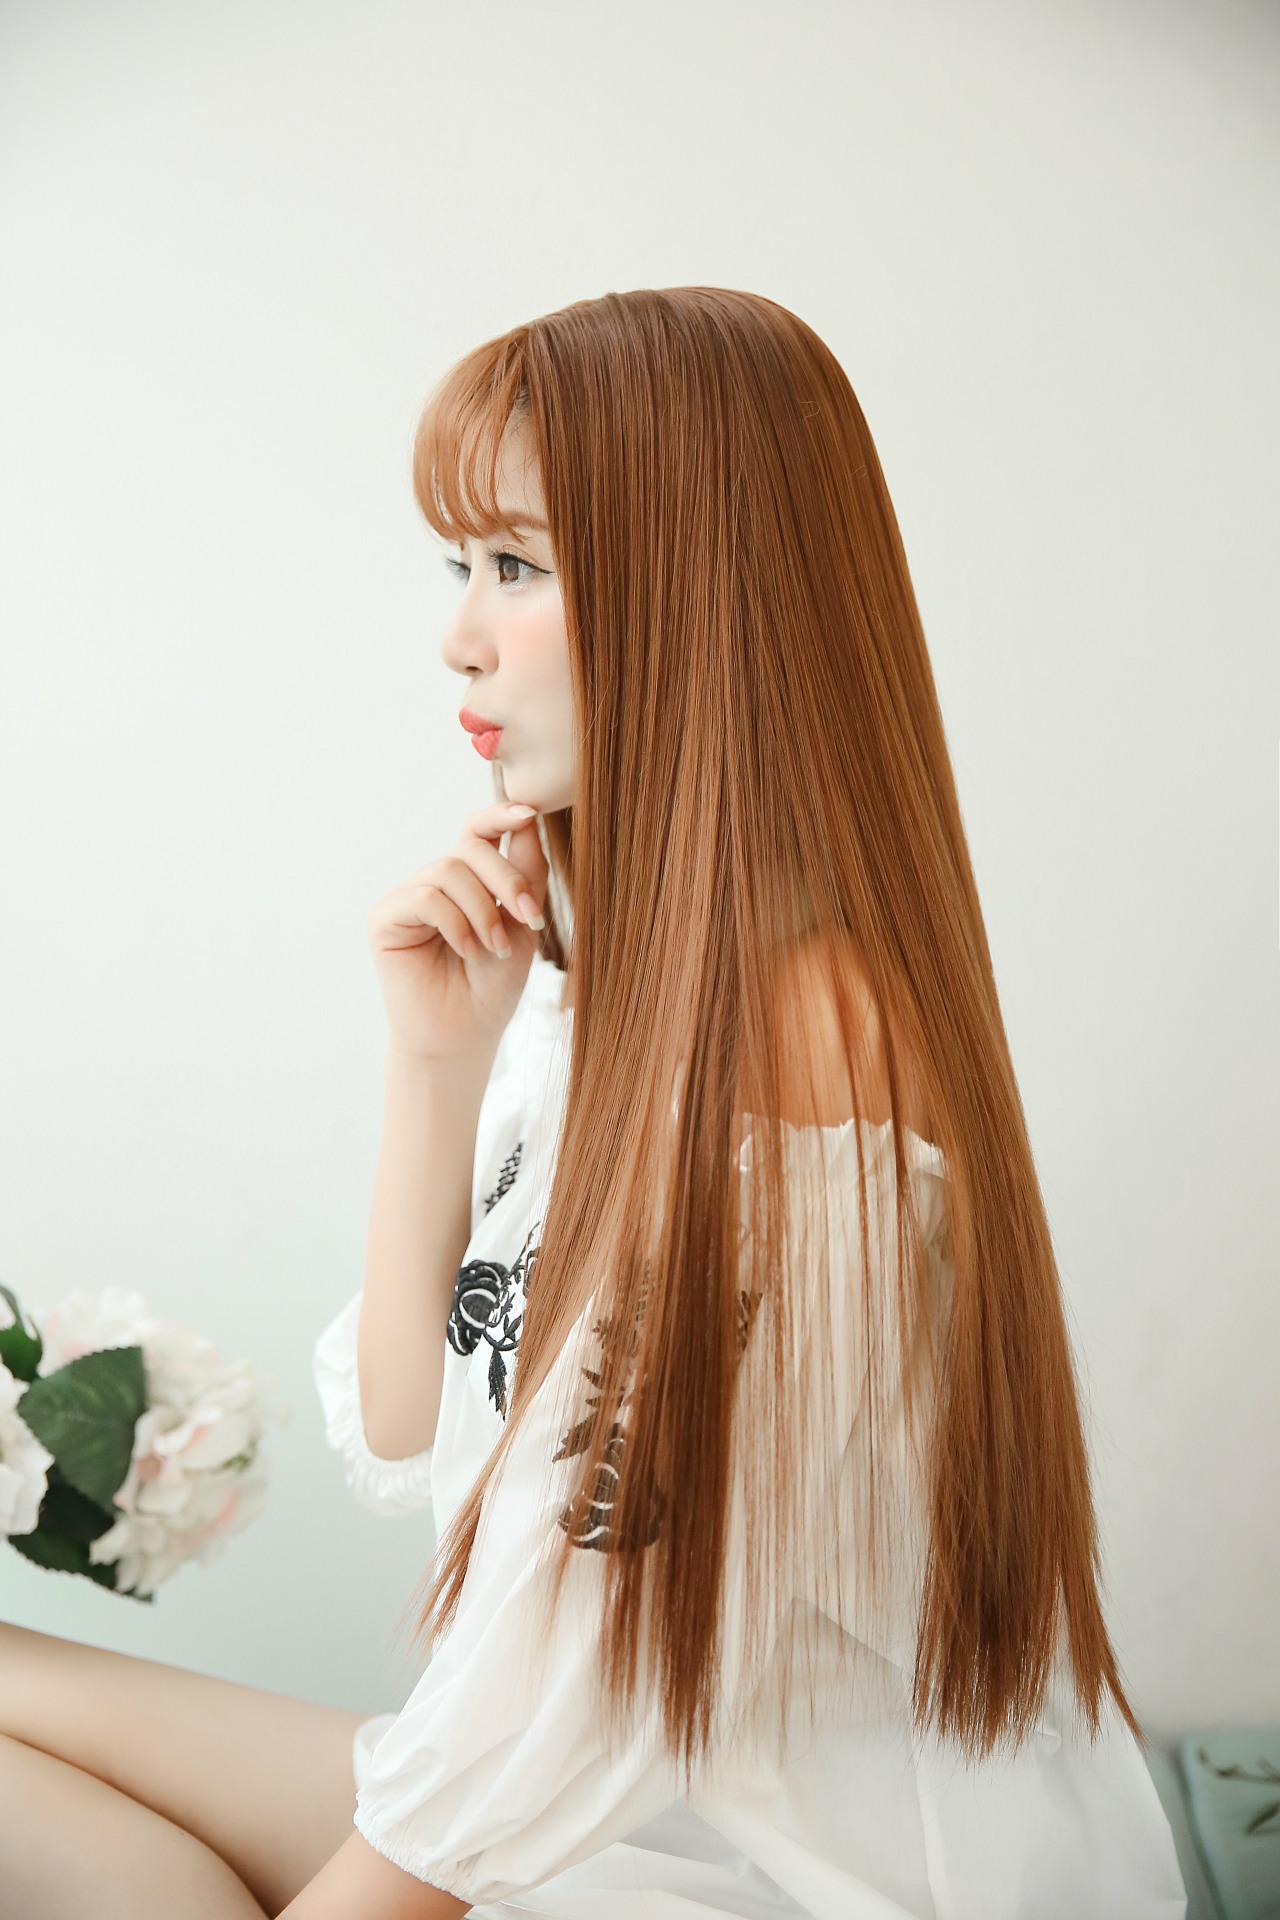 蛋白丝假发女 热销空气刘海直长发图片